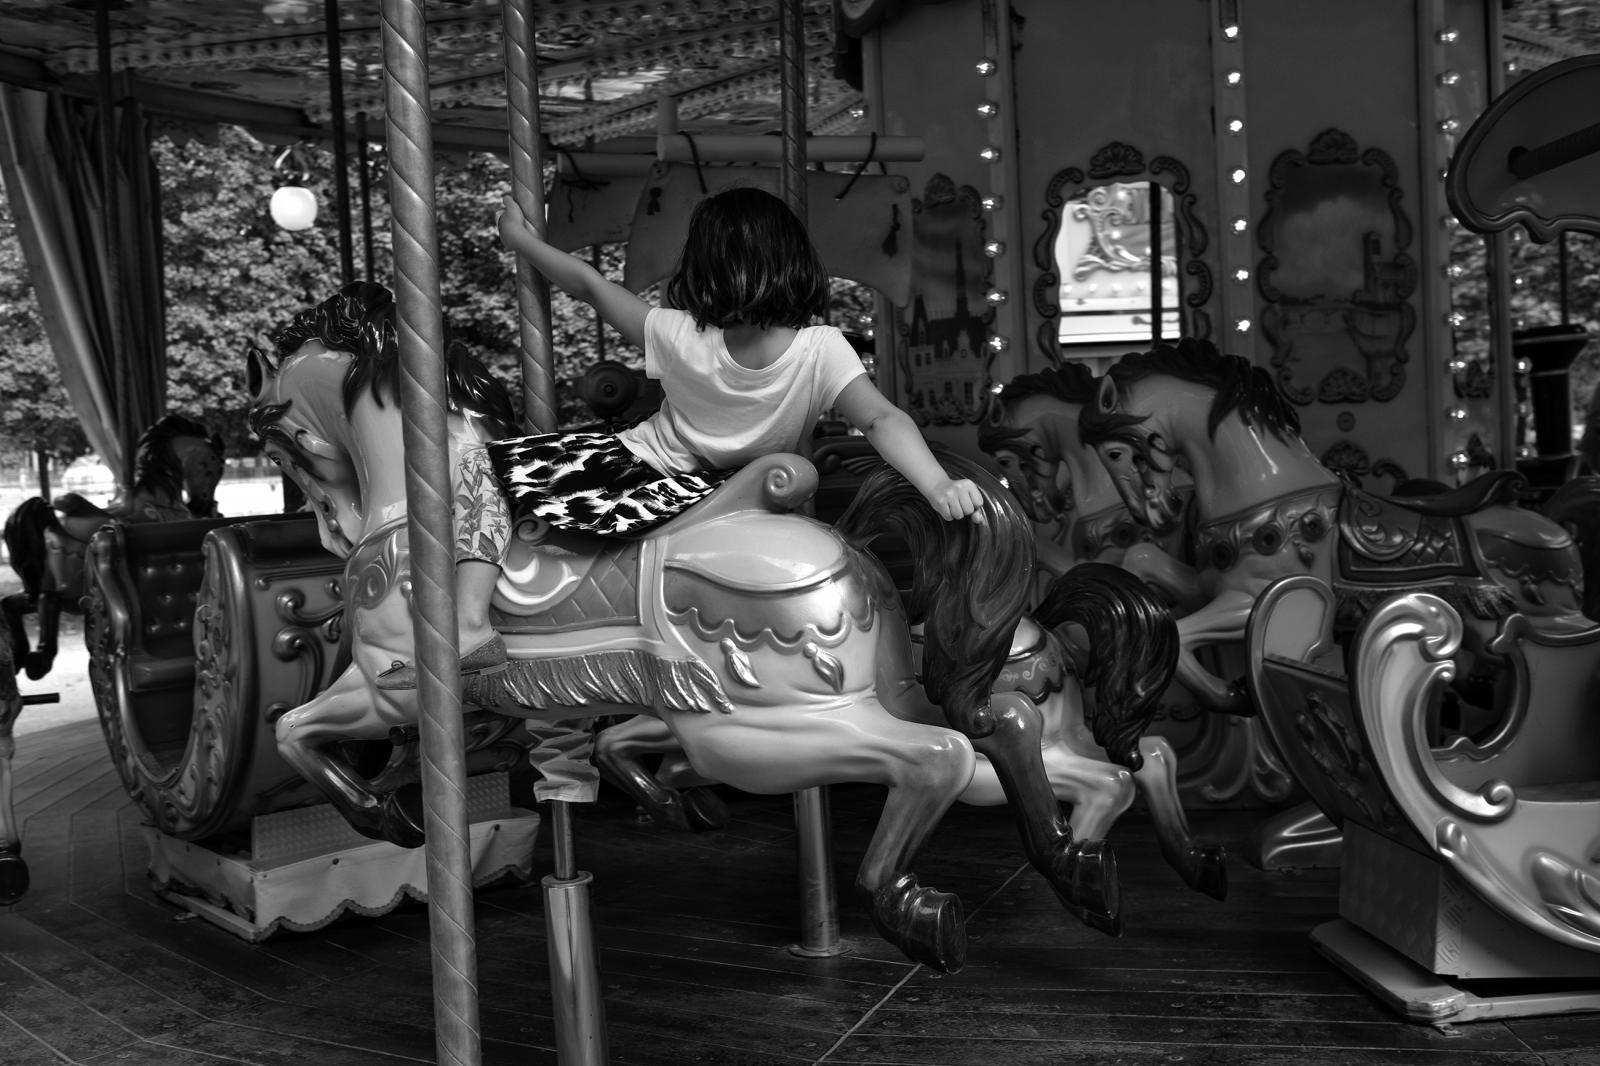 Art and Documentary Photography - Loading DSCF9902better.jpg